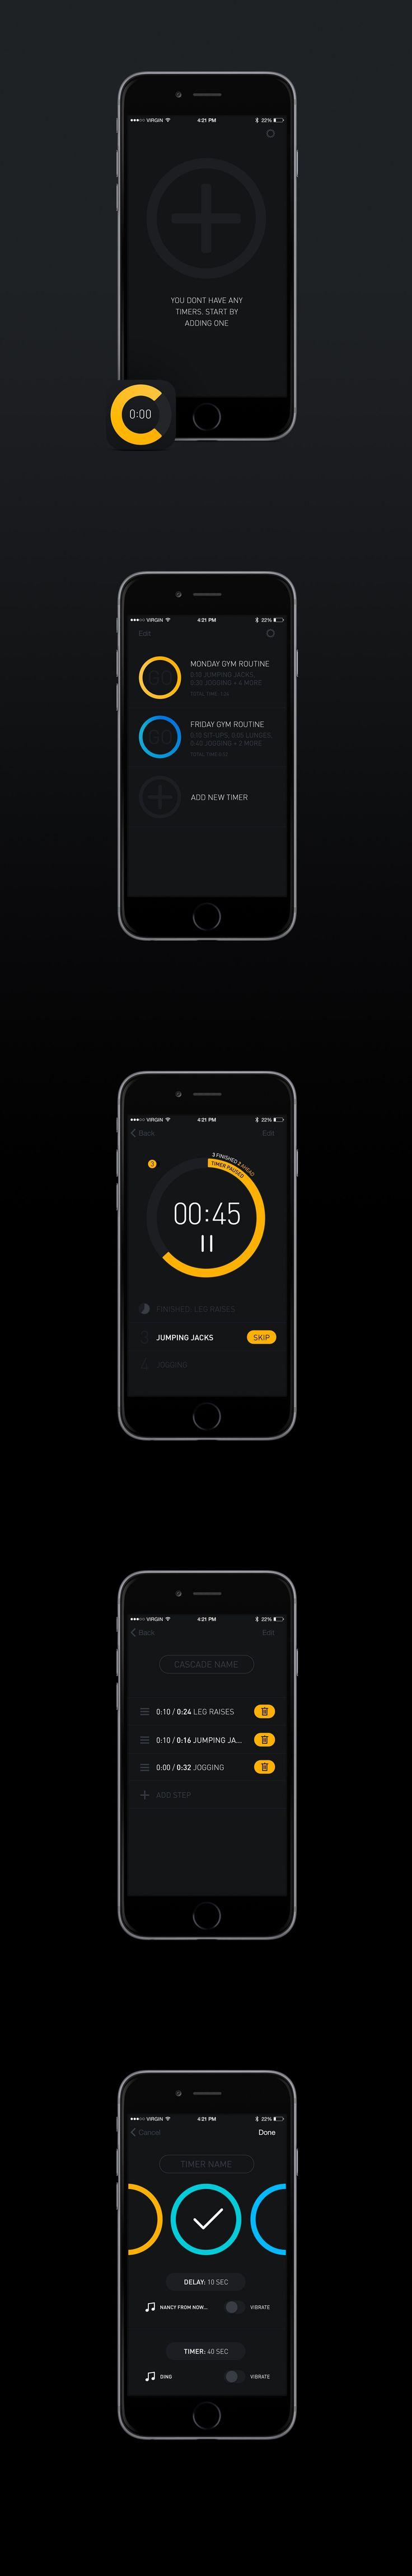 Design #104 di Marzie | Create modern, flat UI design for timer app